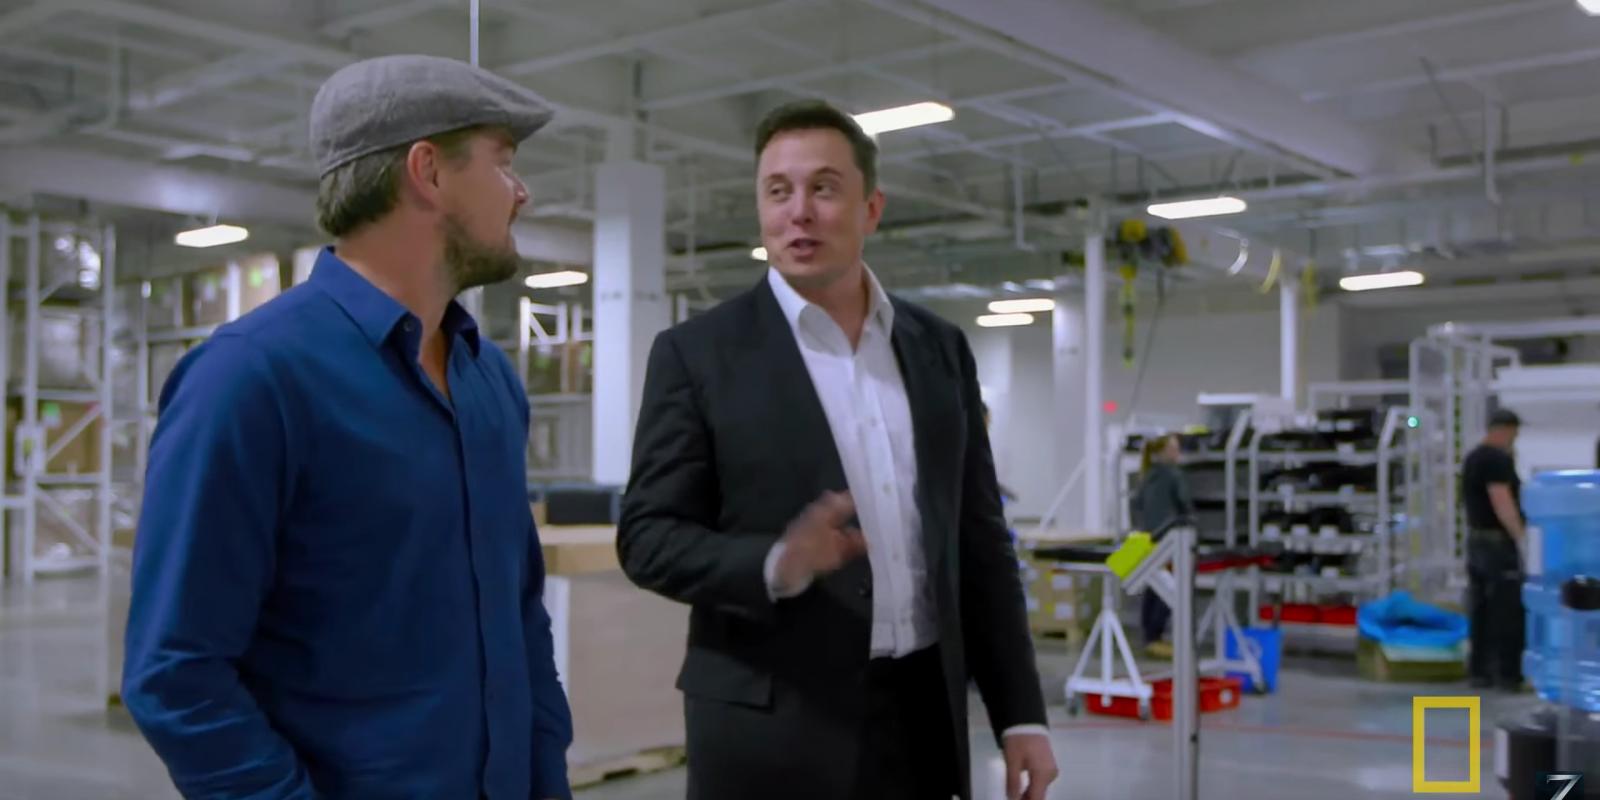 Photo of Elon Musk'a göre, 100 Gigafactory dünyayı yenilenebilir enerjiye geçirebilir